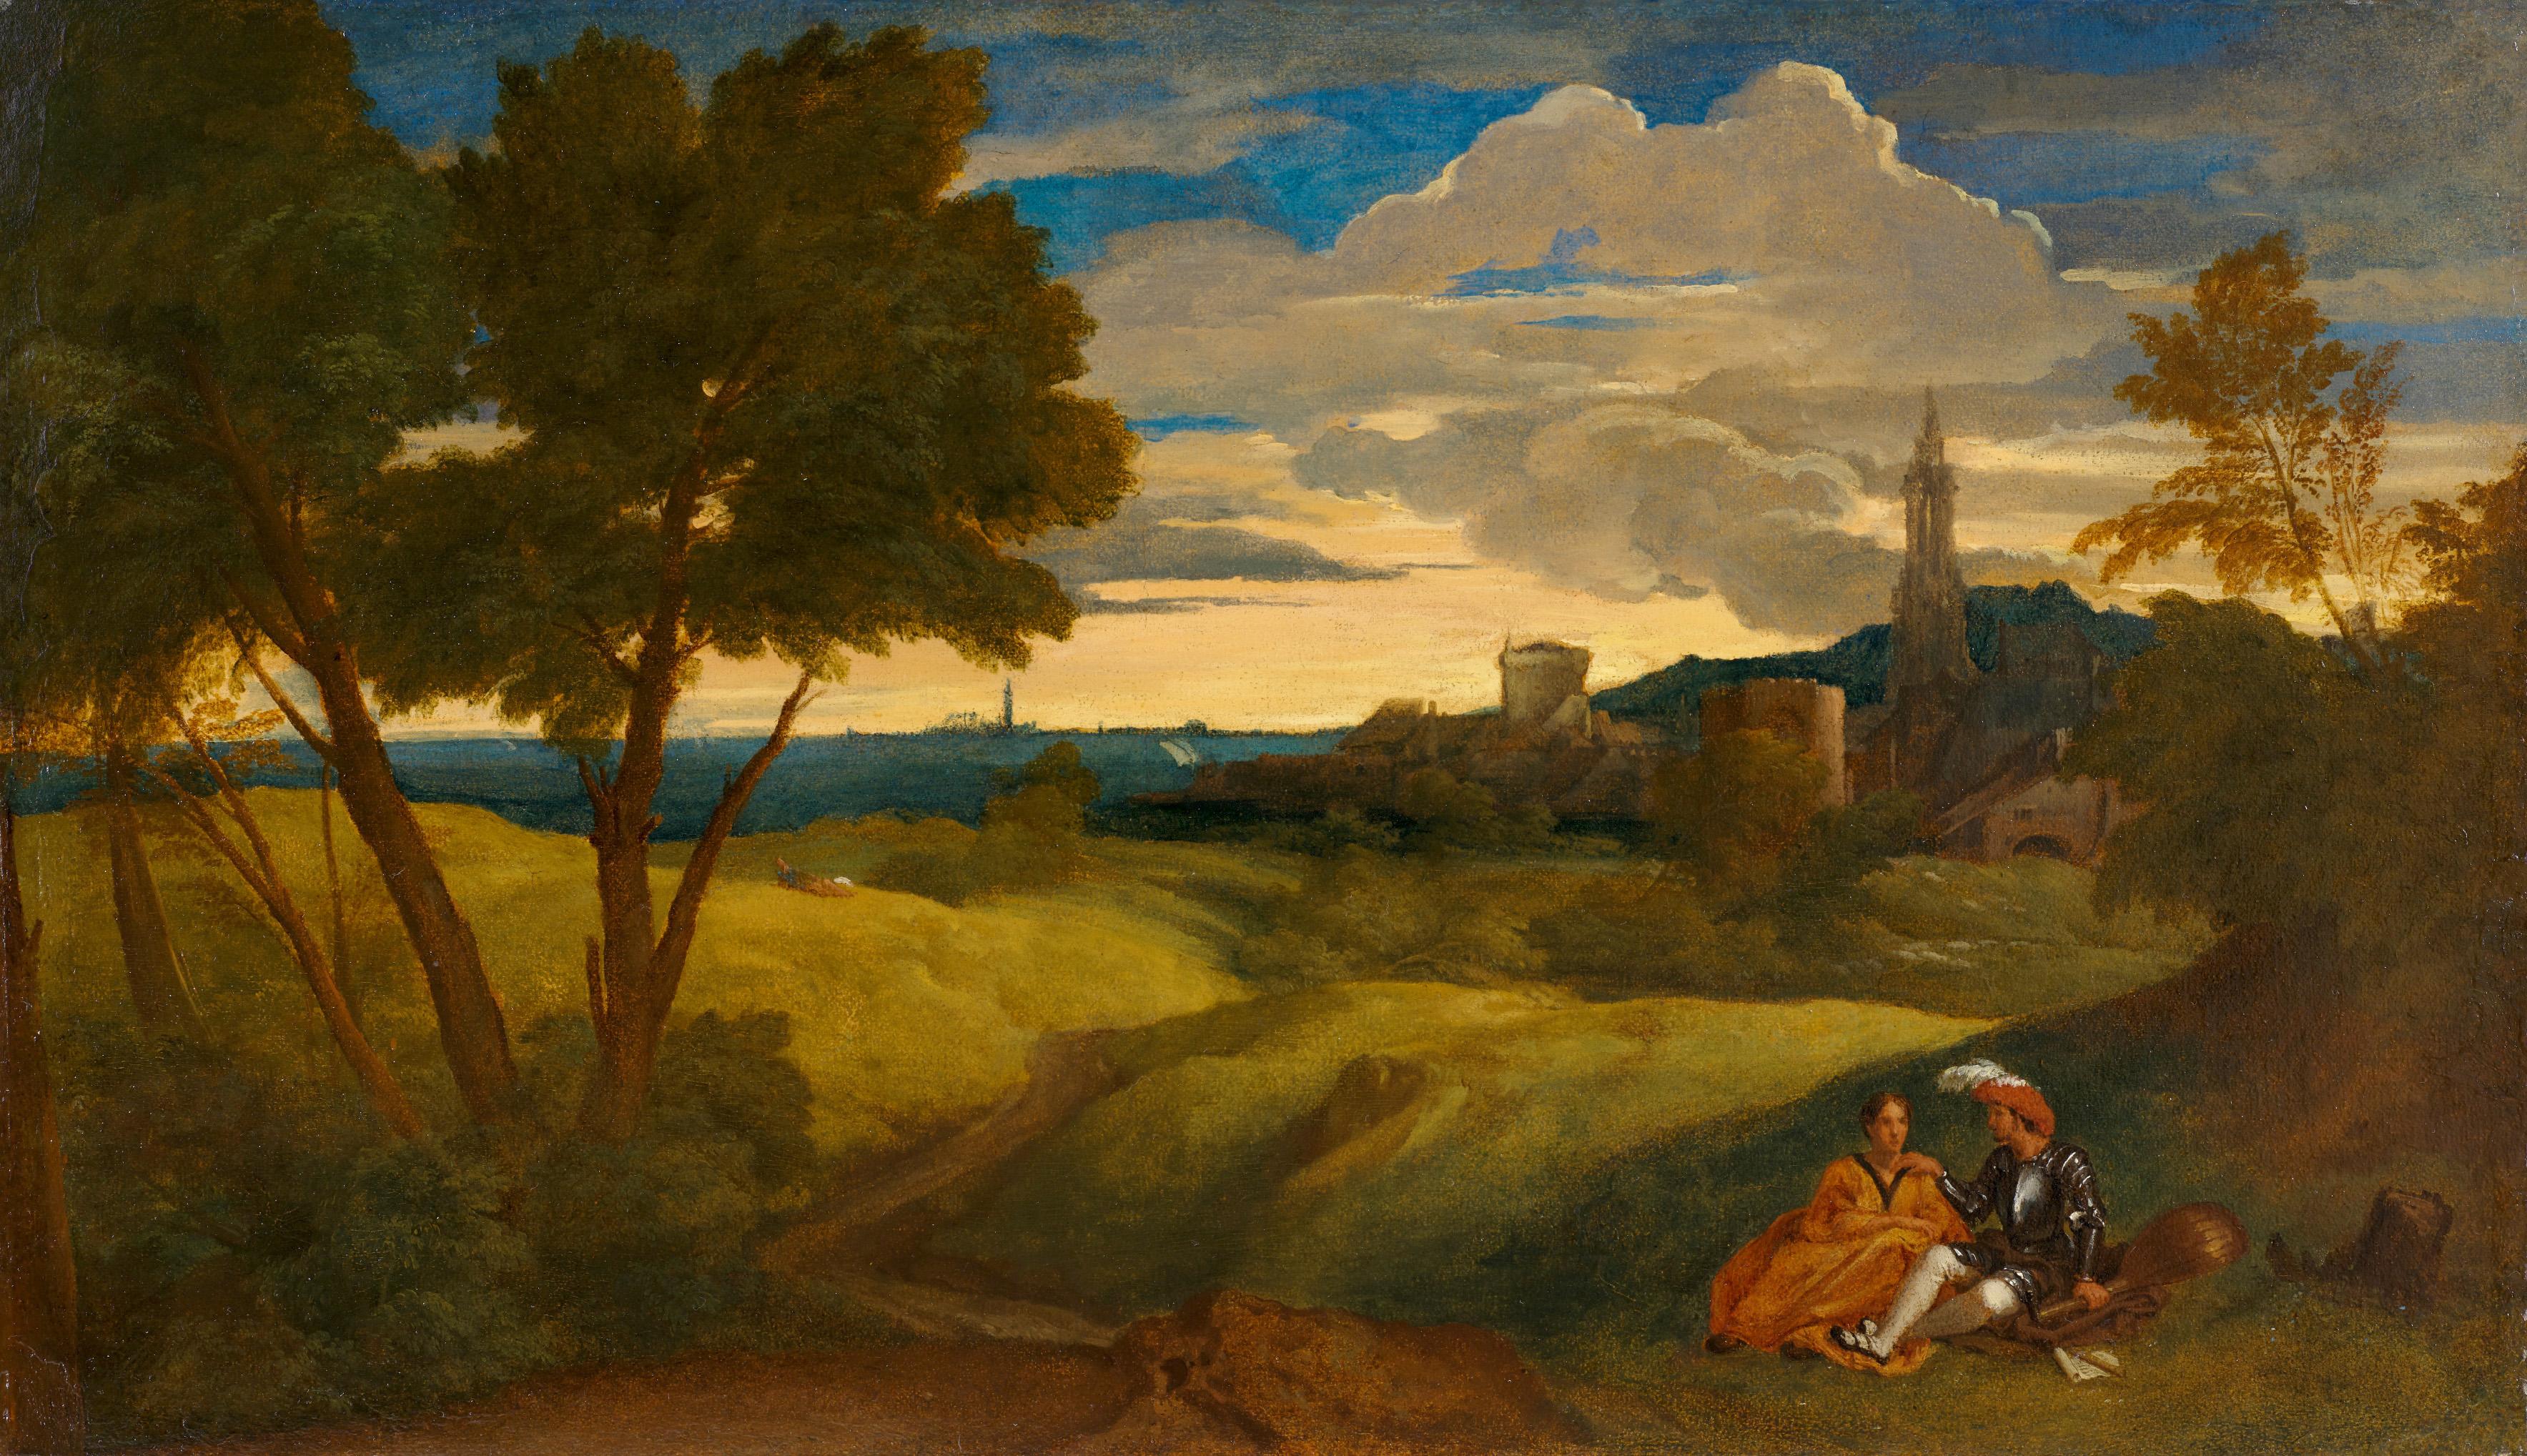 Tiziano Vecellio zugeschrieben - Abendlandschaft mit Figurenpaar, um 1518–1520